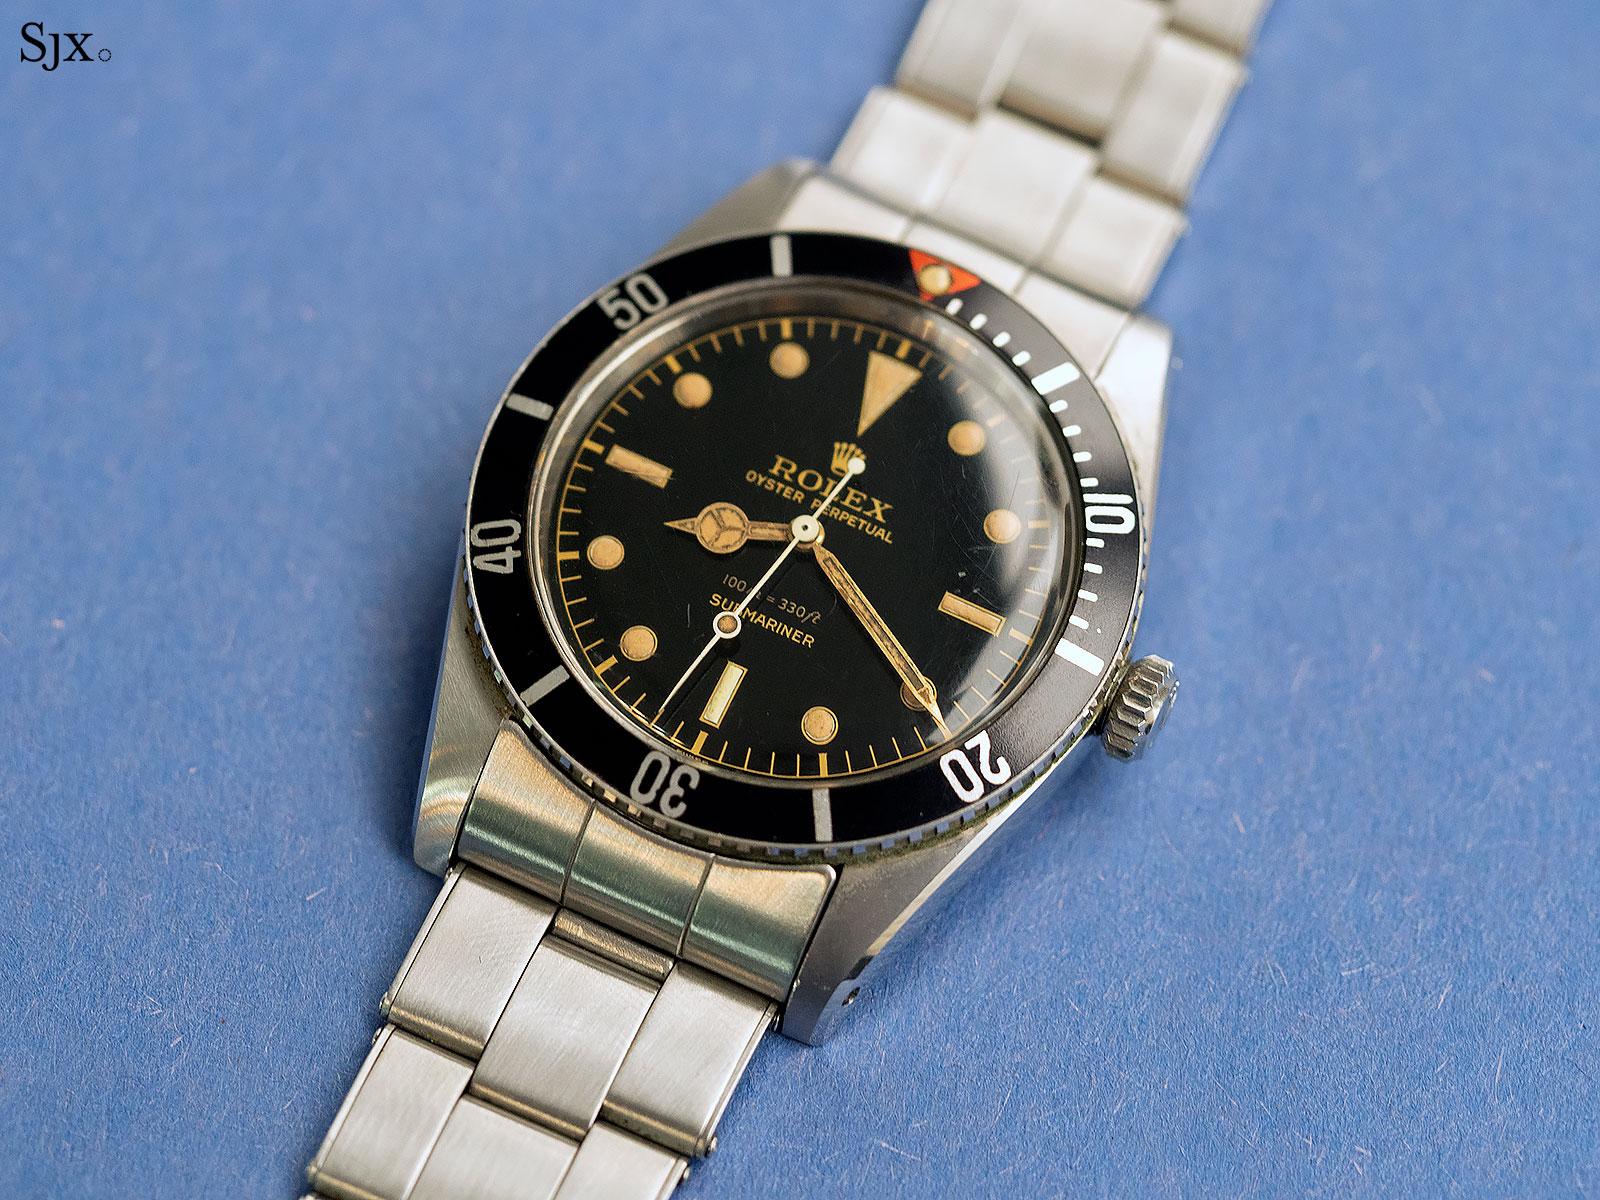 Rolex Submariner 5508-1